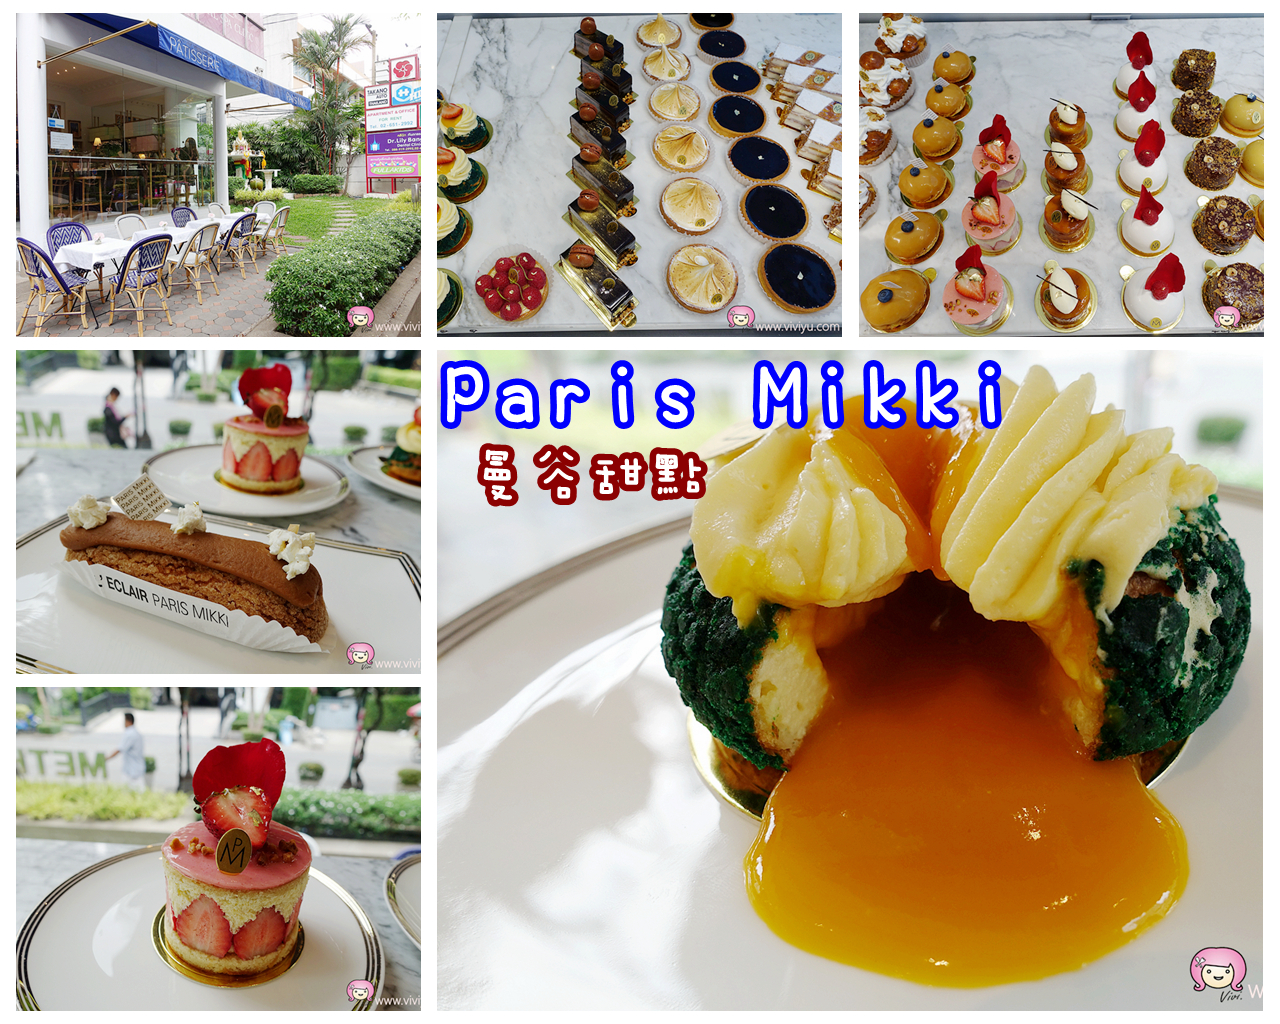 [曼谷美食]Paris Mikki法式甜點.藏身於Terminal 21購物中心後方~法國街頭氛圍蛋糕店 @VIVIYU小世界